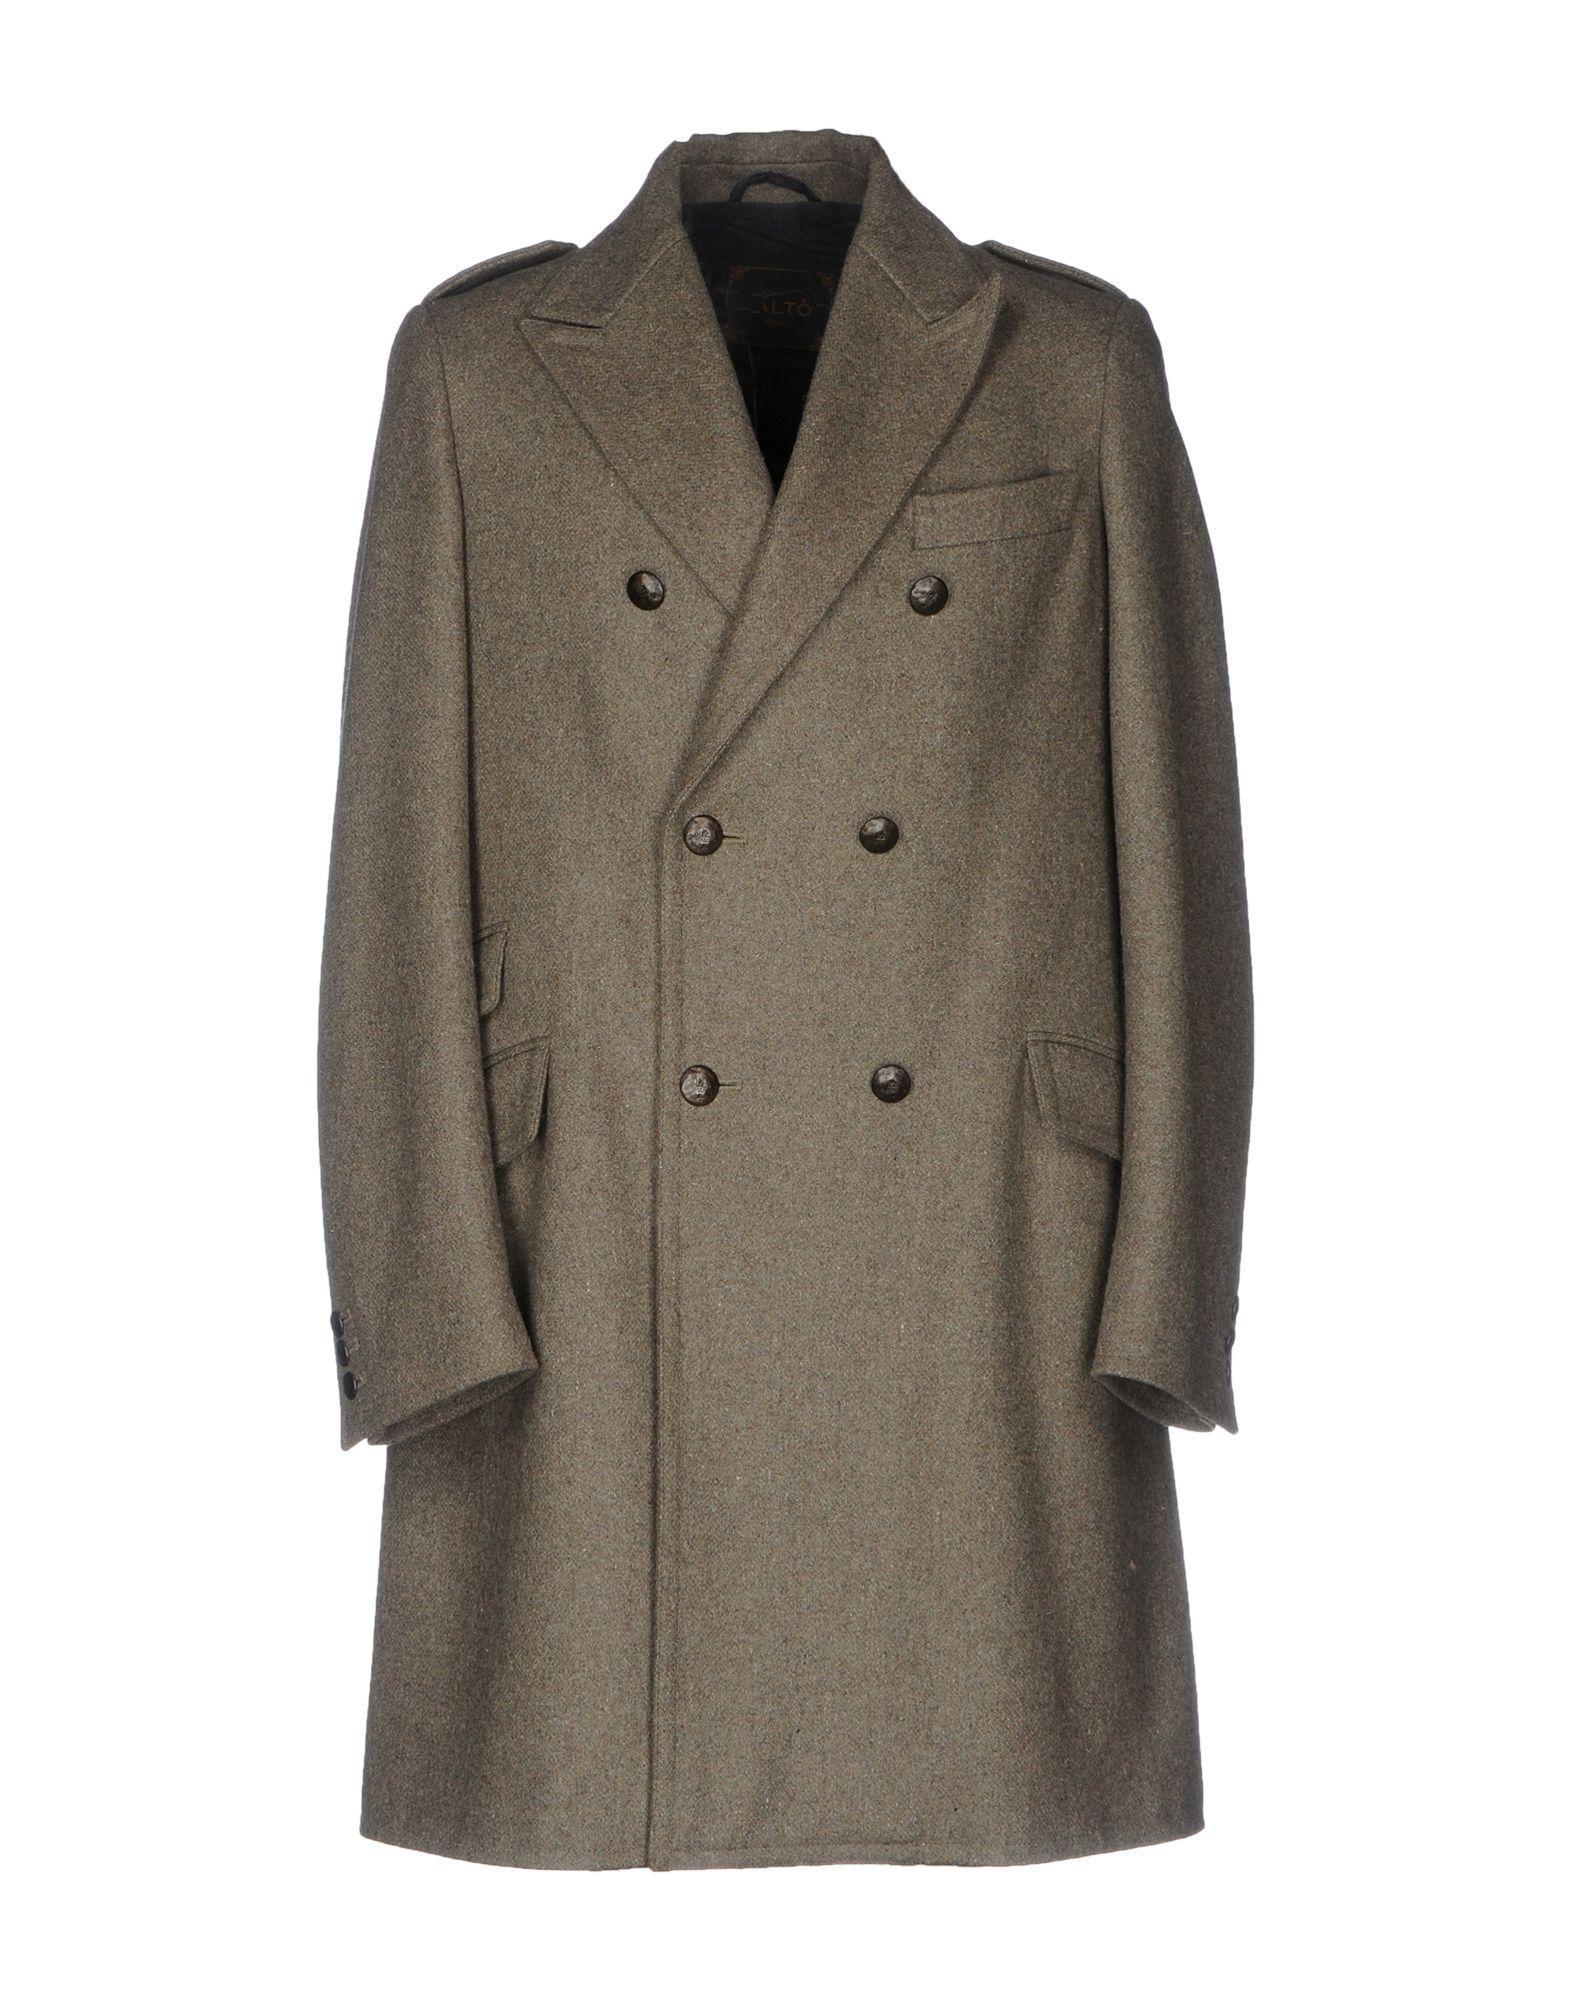 PaltÒ Coat In Military Green